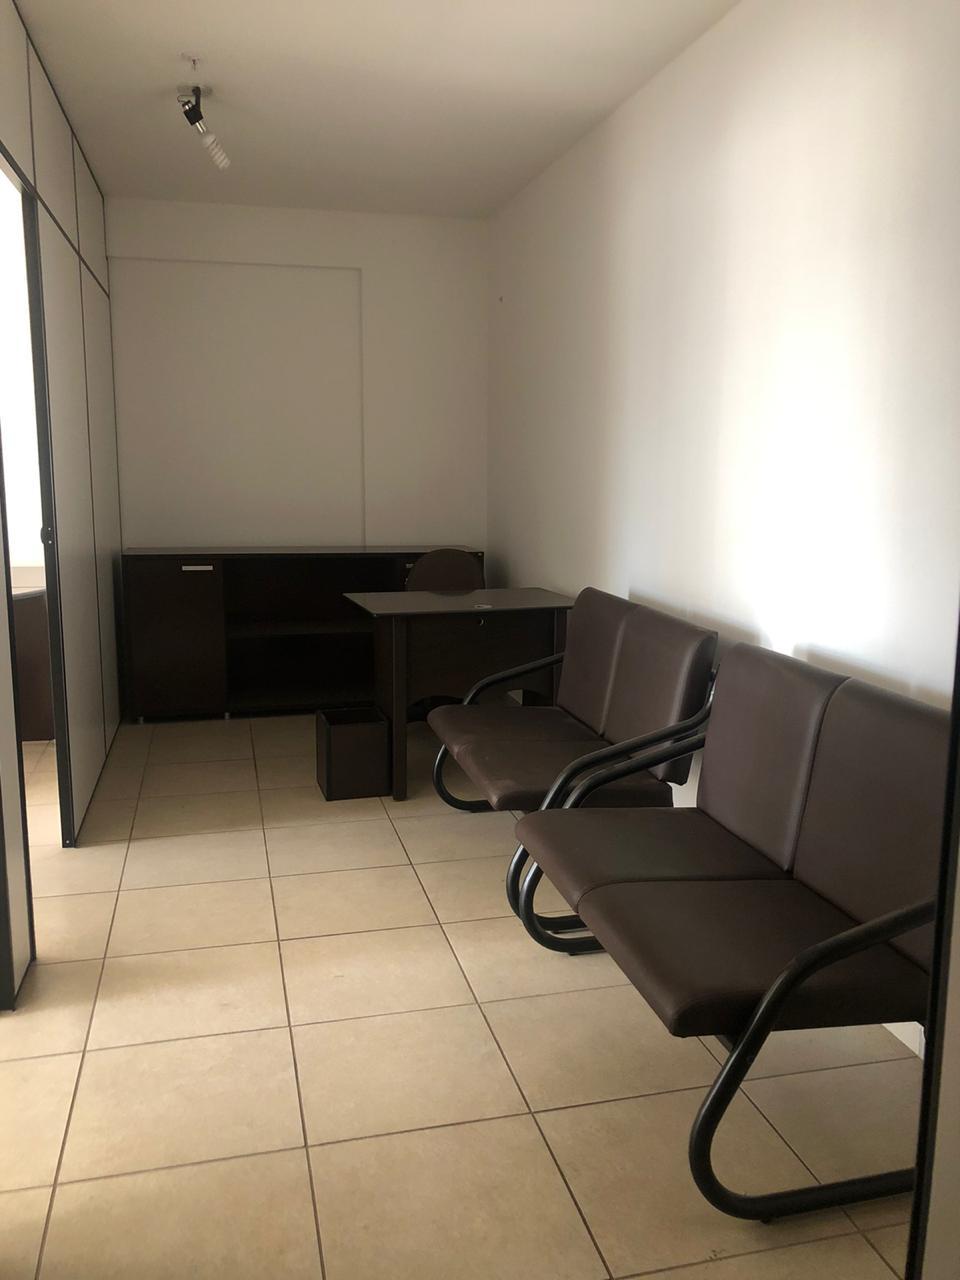 Ponto comercial  no Bosque da Saúde, Cuiabá  - MT